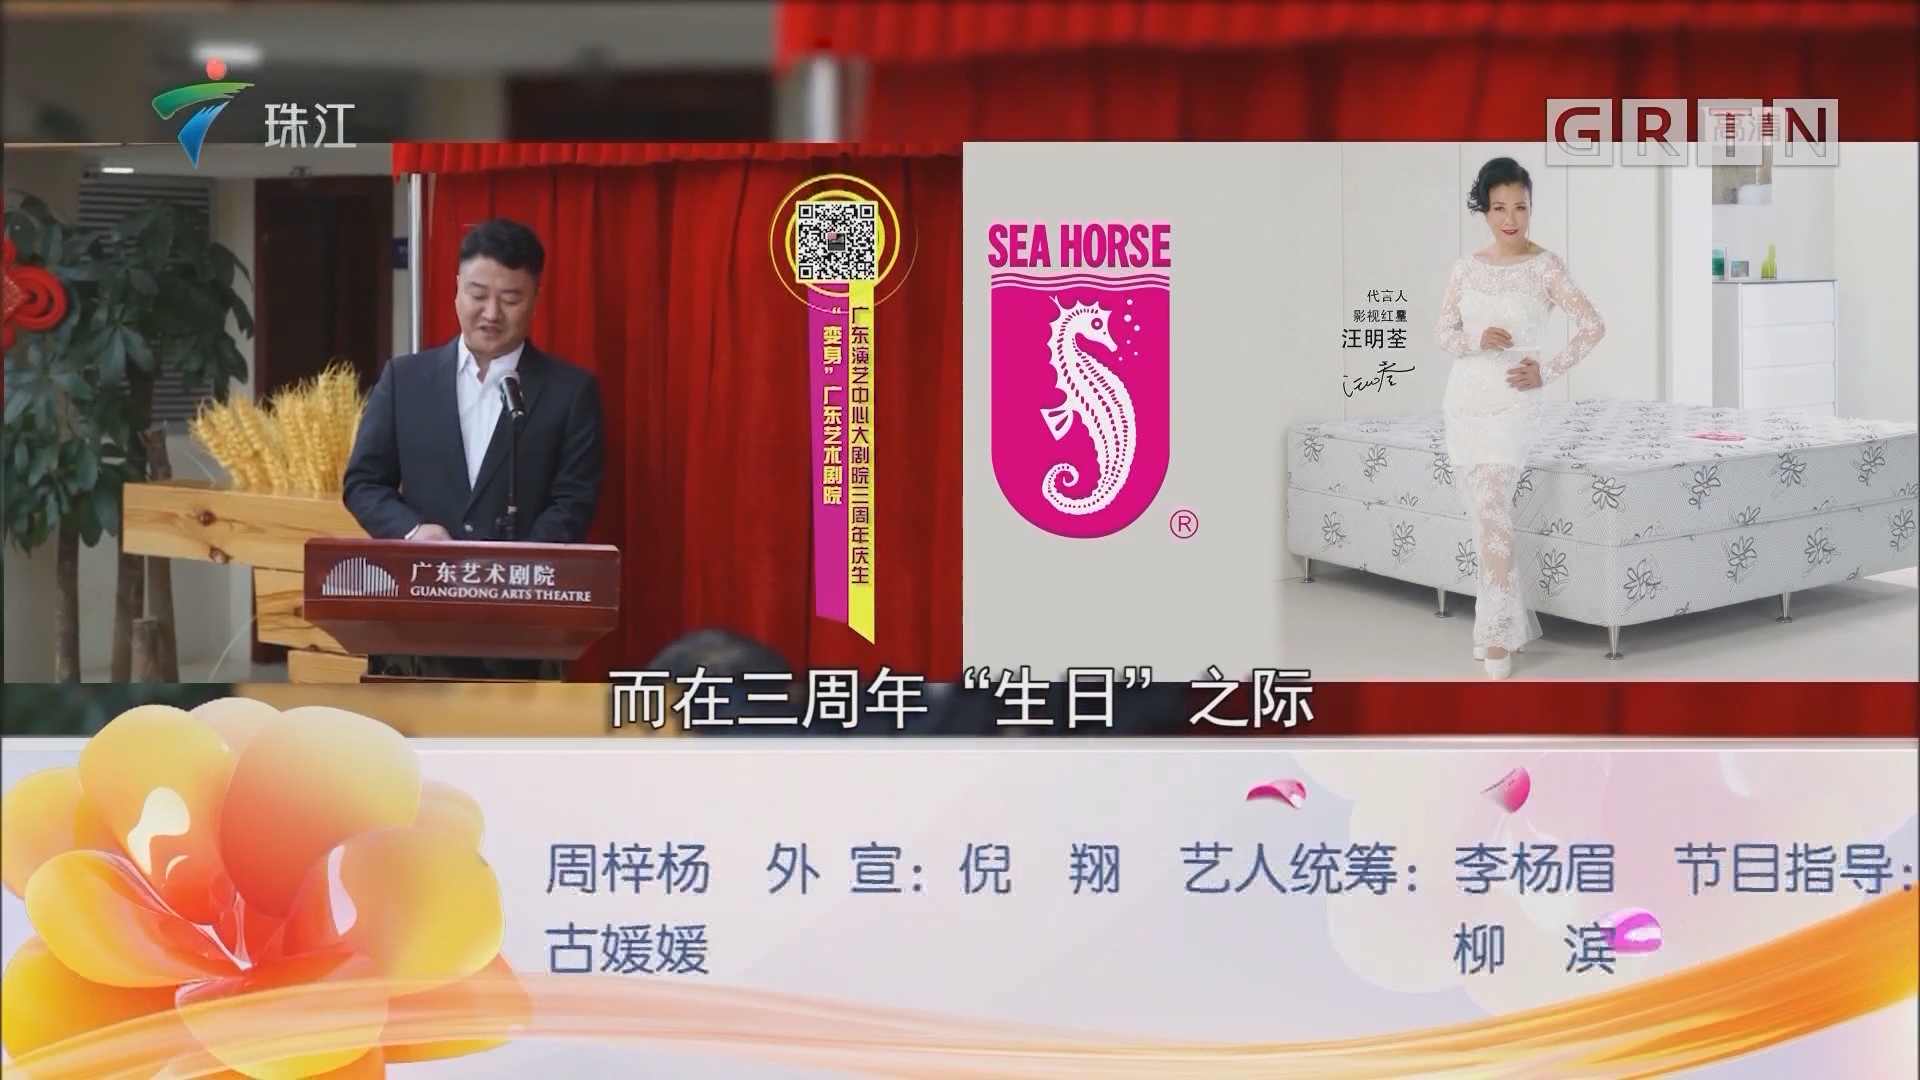 """广东演艺中心大剧院周年庆生"""" 变身""""广东艺术剧院"""